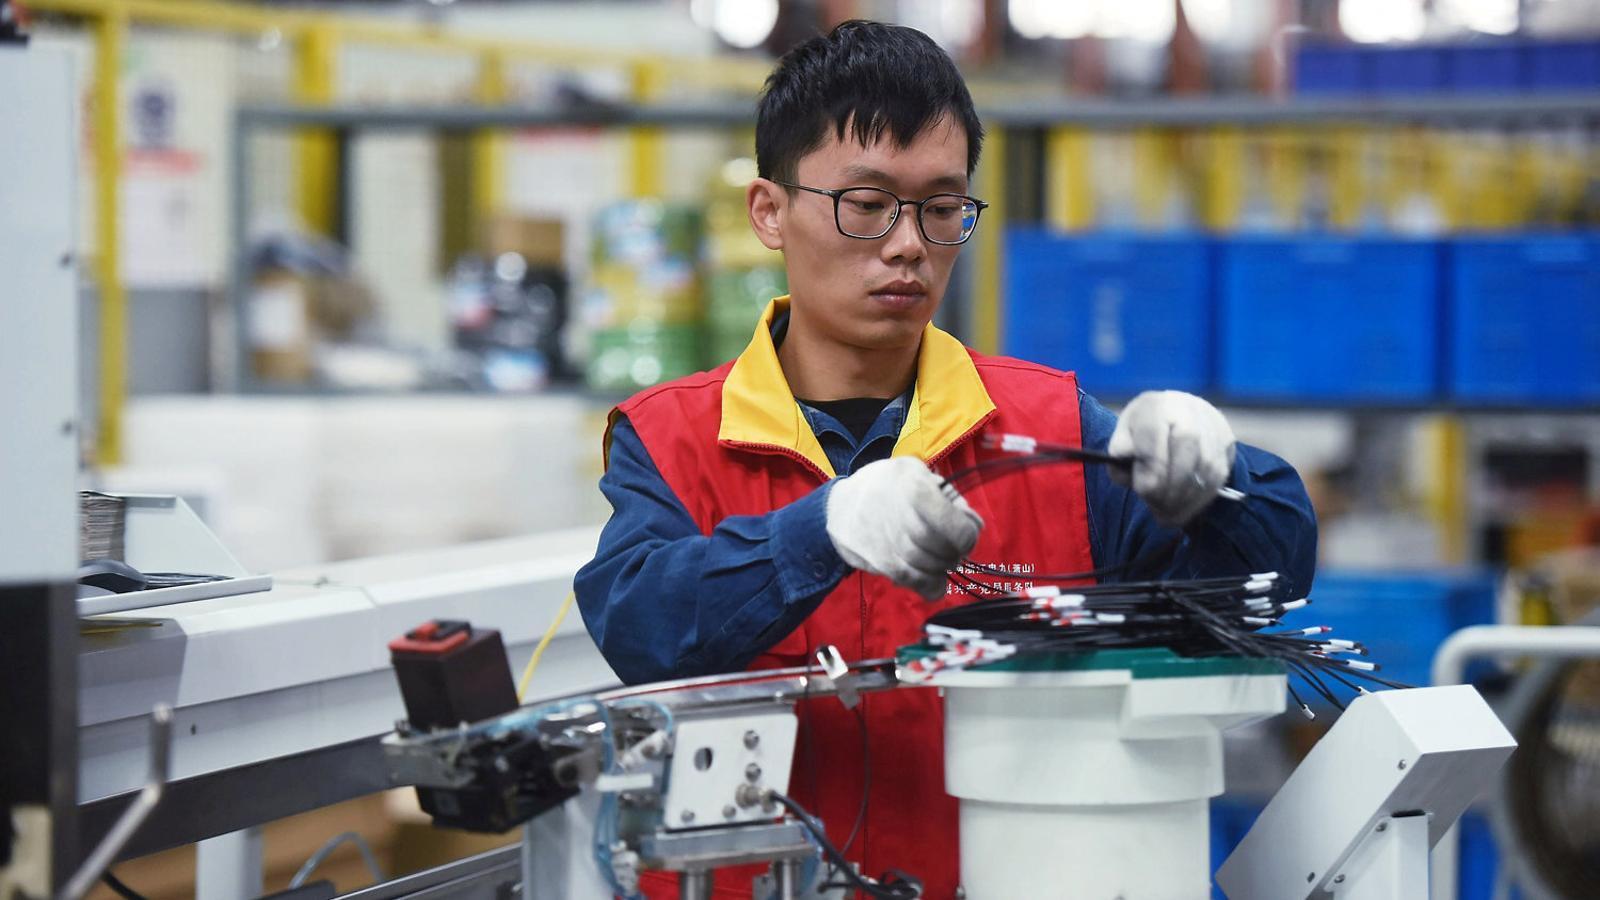 Un treballador d'una empresa de cables a la ciutat de Hangzhou.